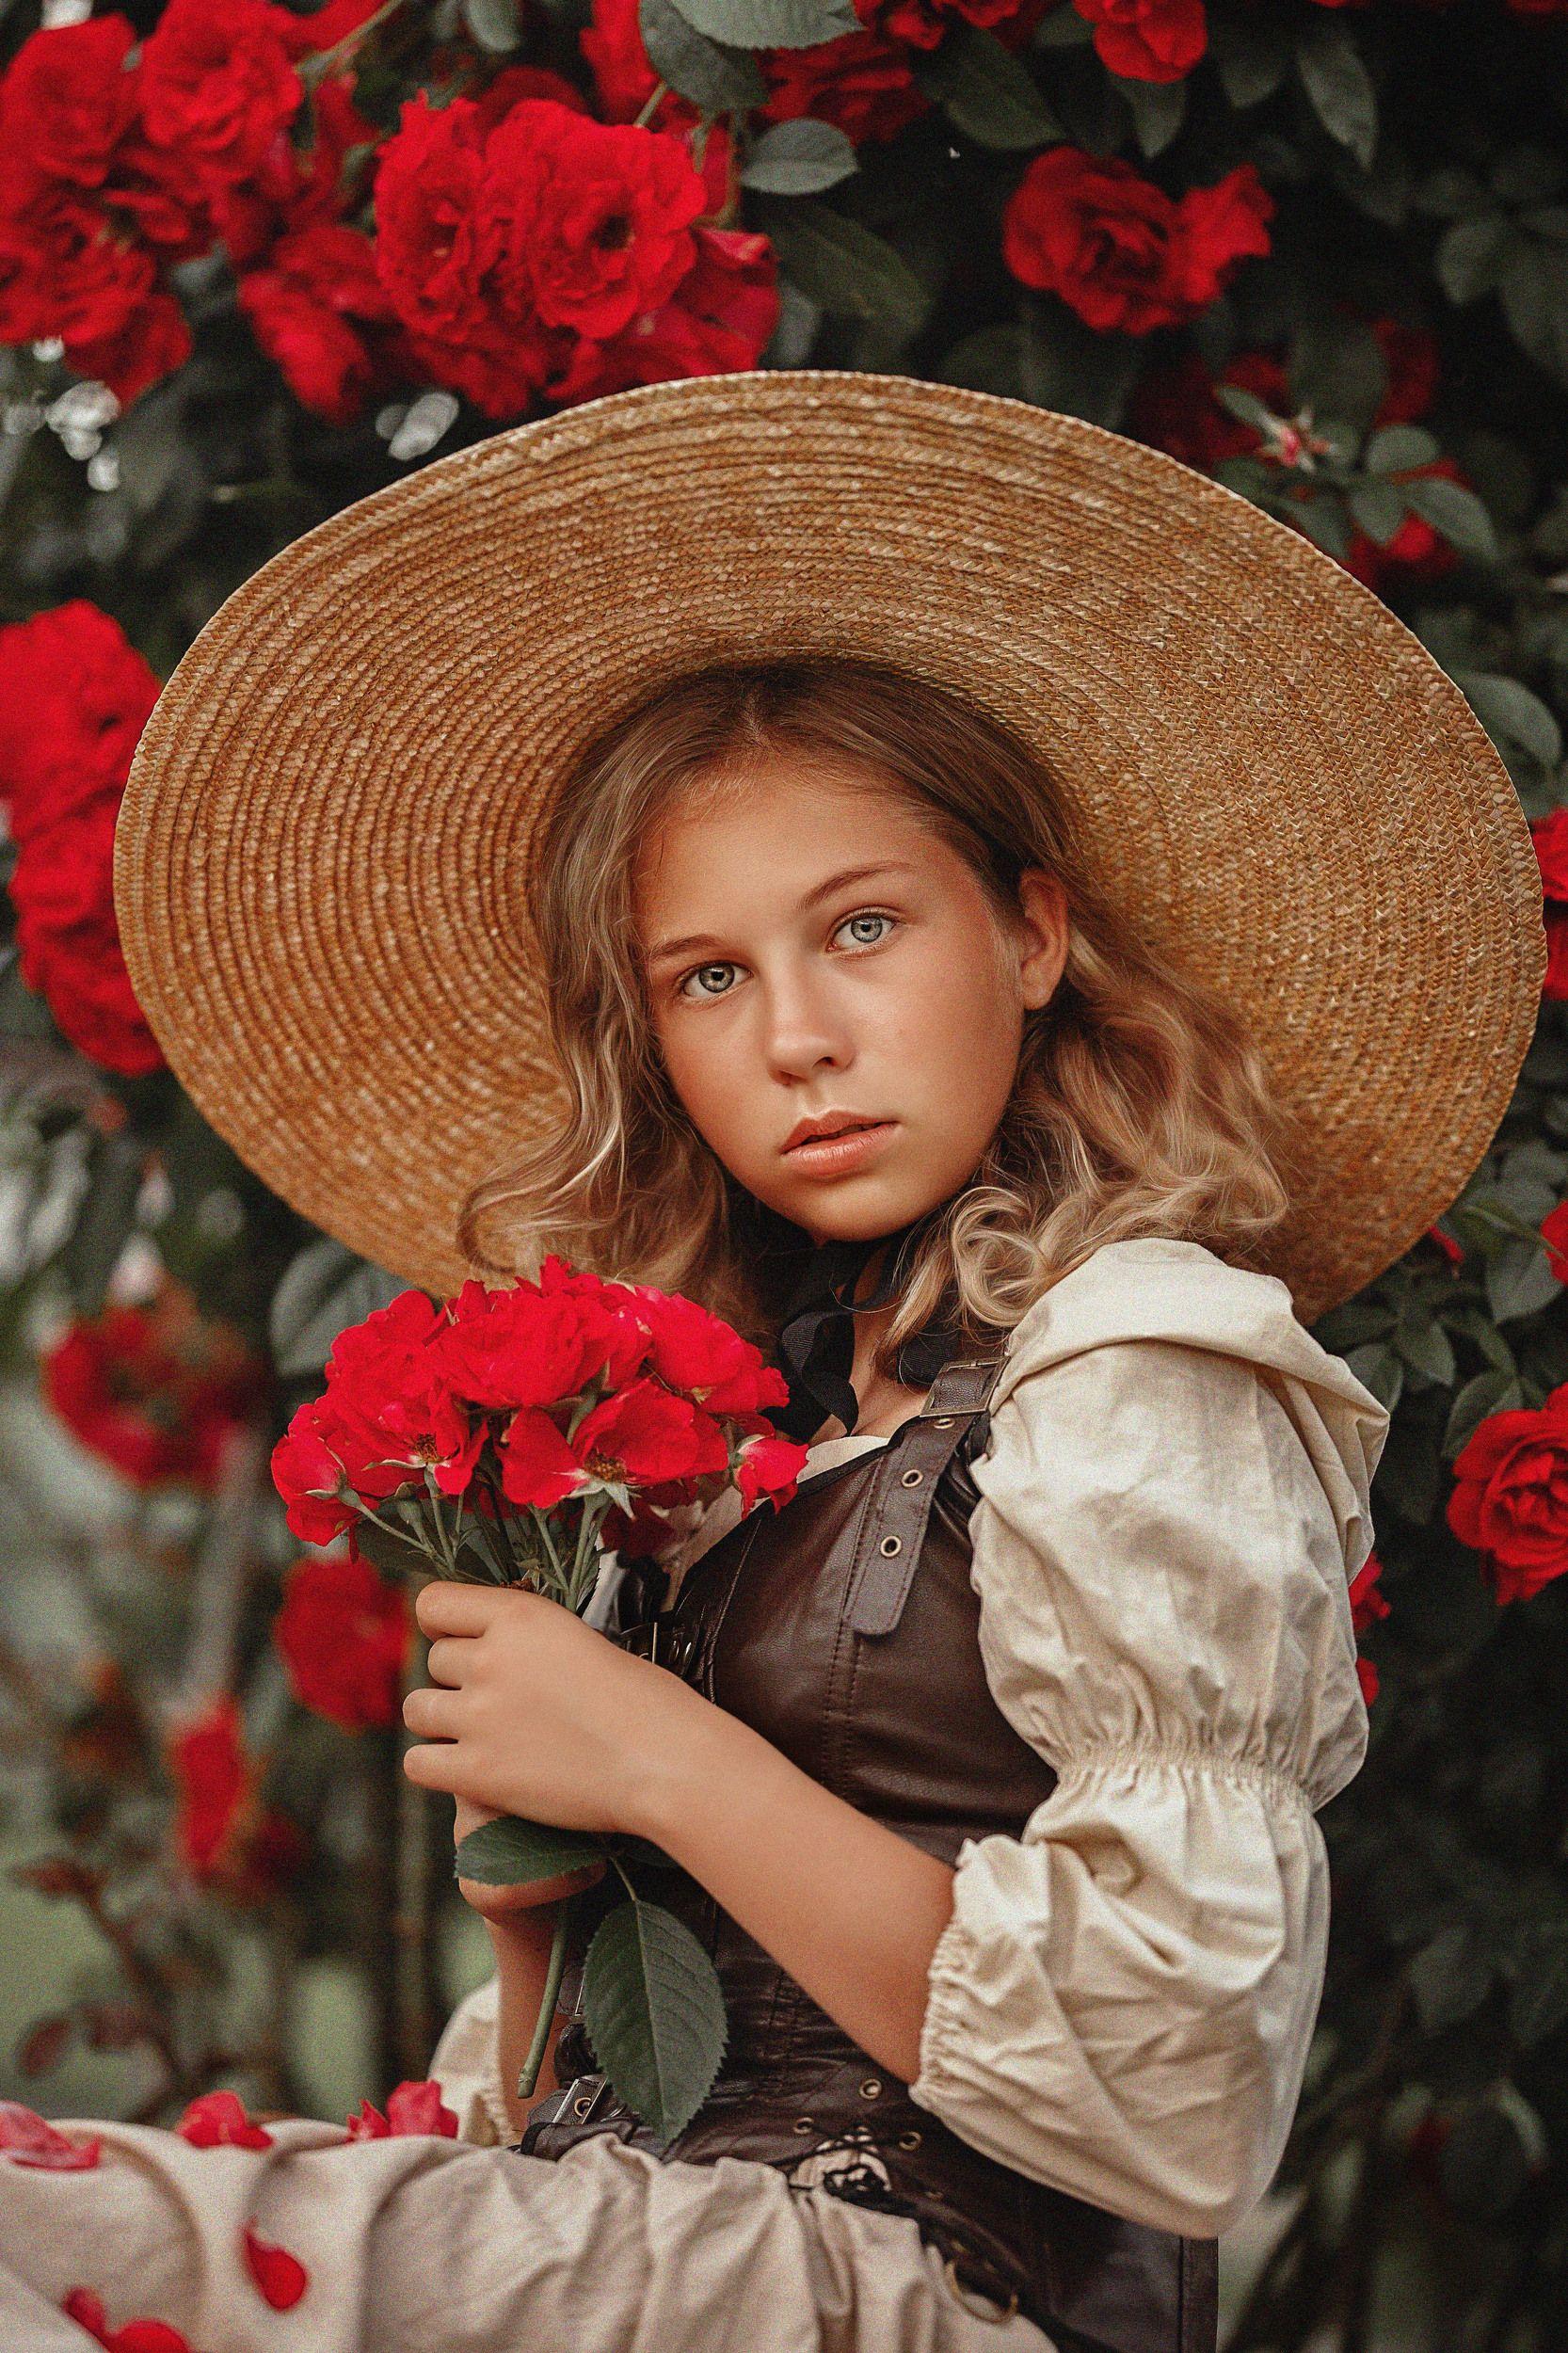 девушка, лето, поле, девушка в шляпе, юность, портрет, розы, Чернигина Елена